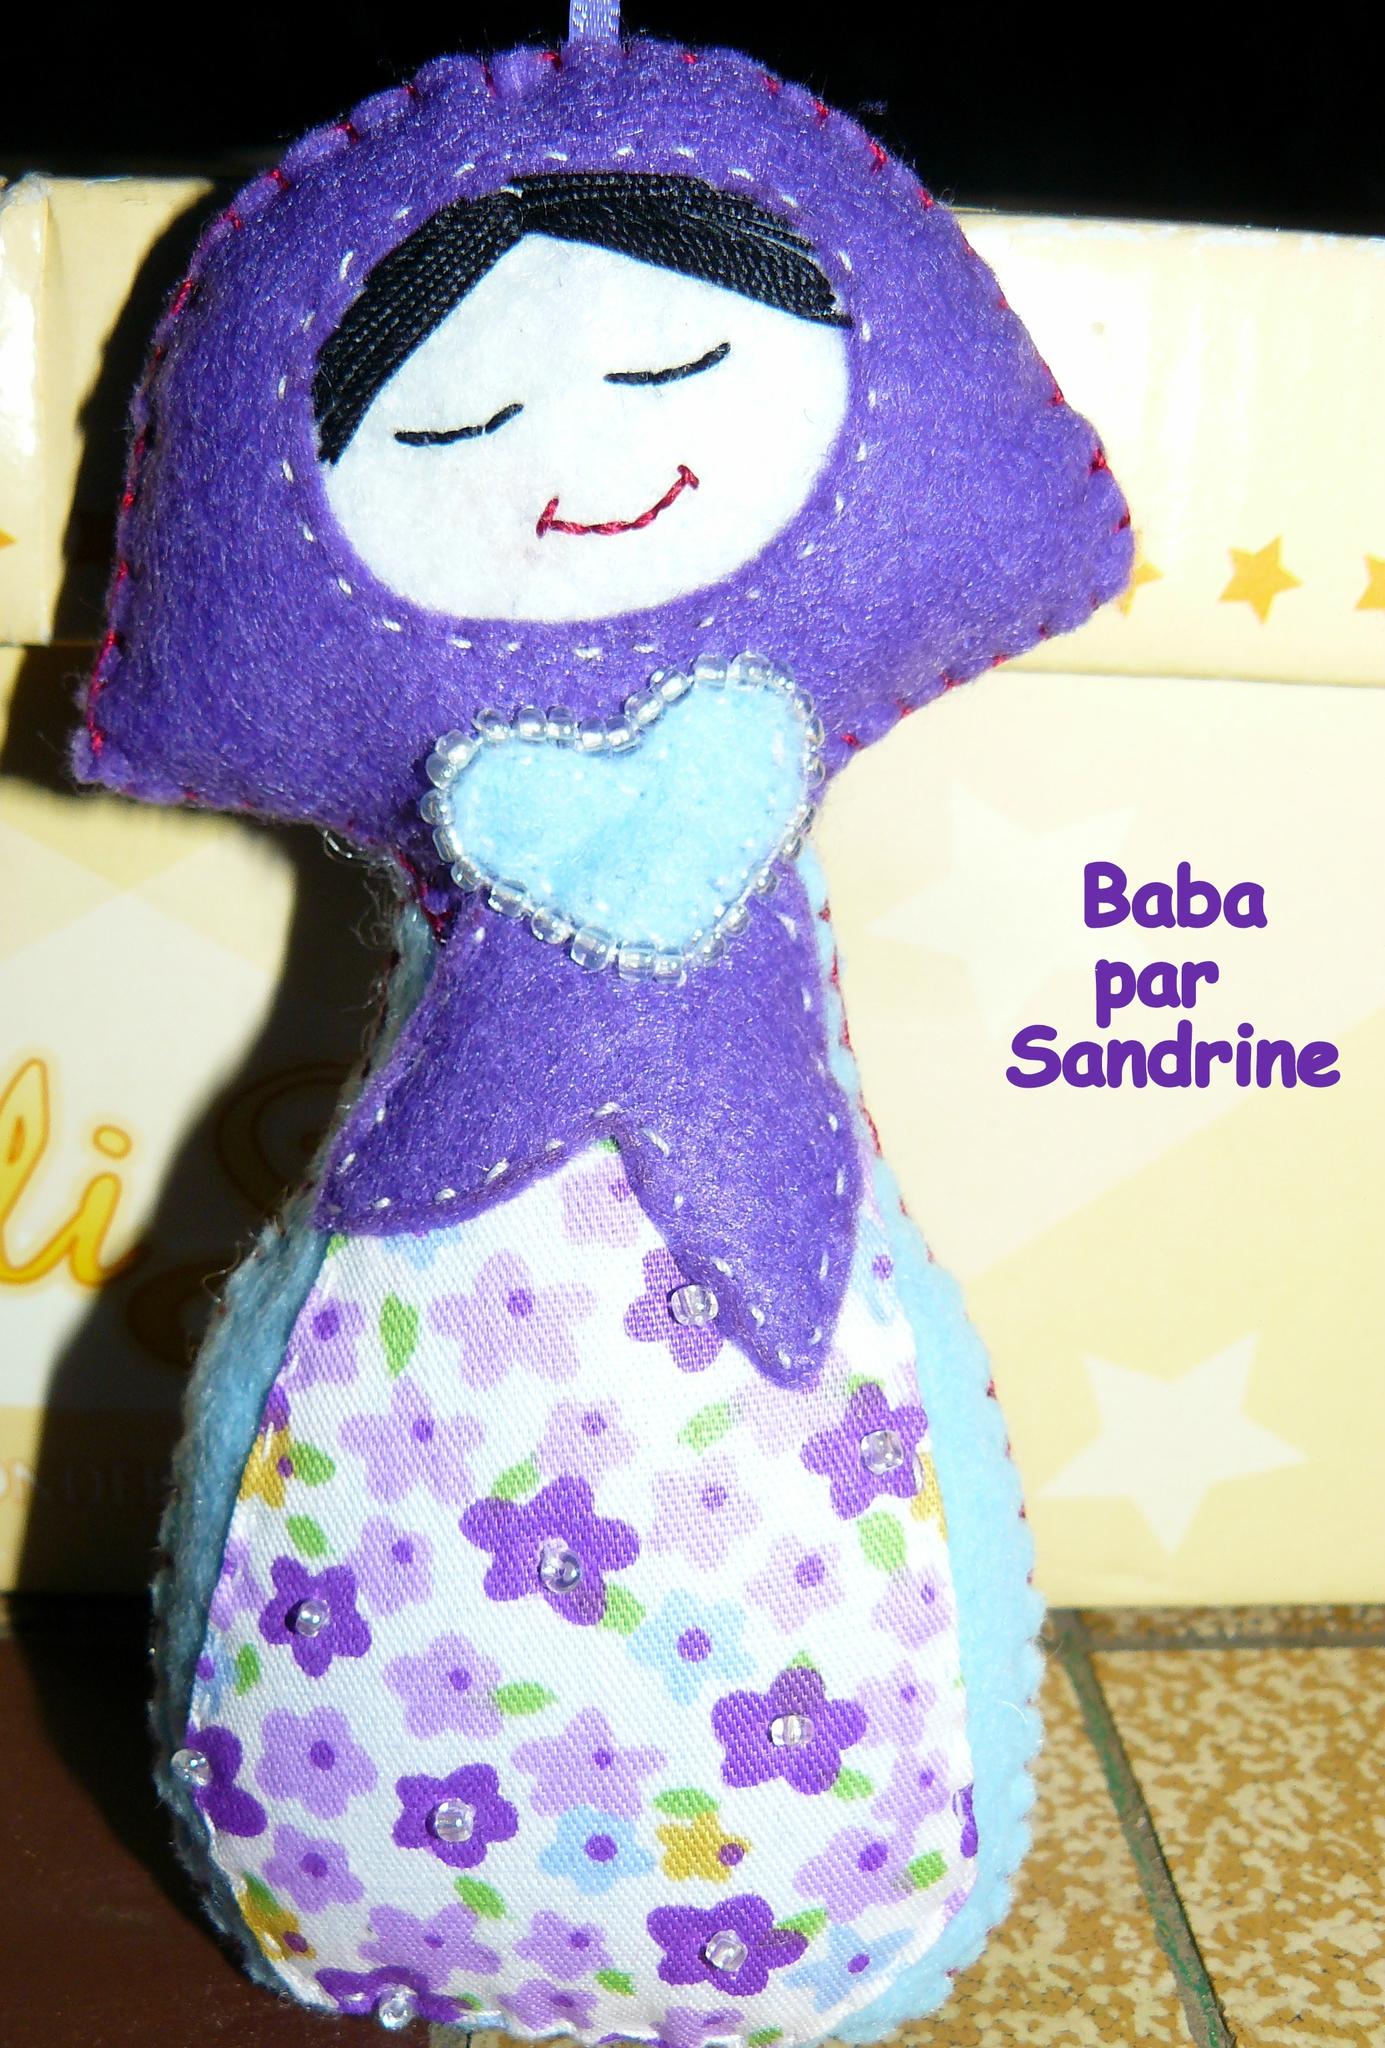 Baba par Sandrine